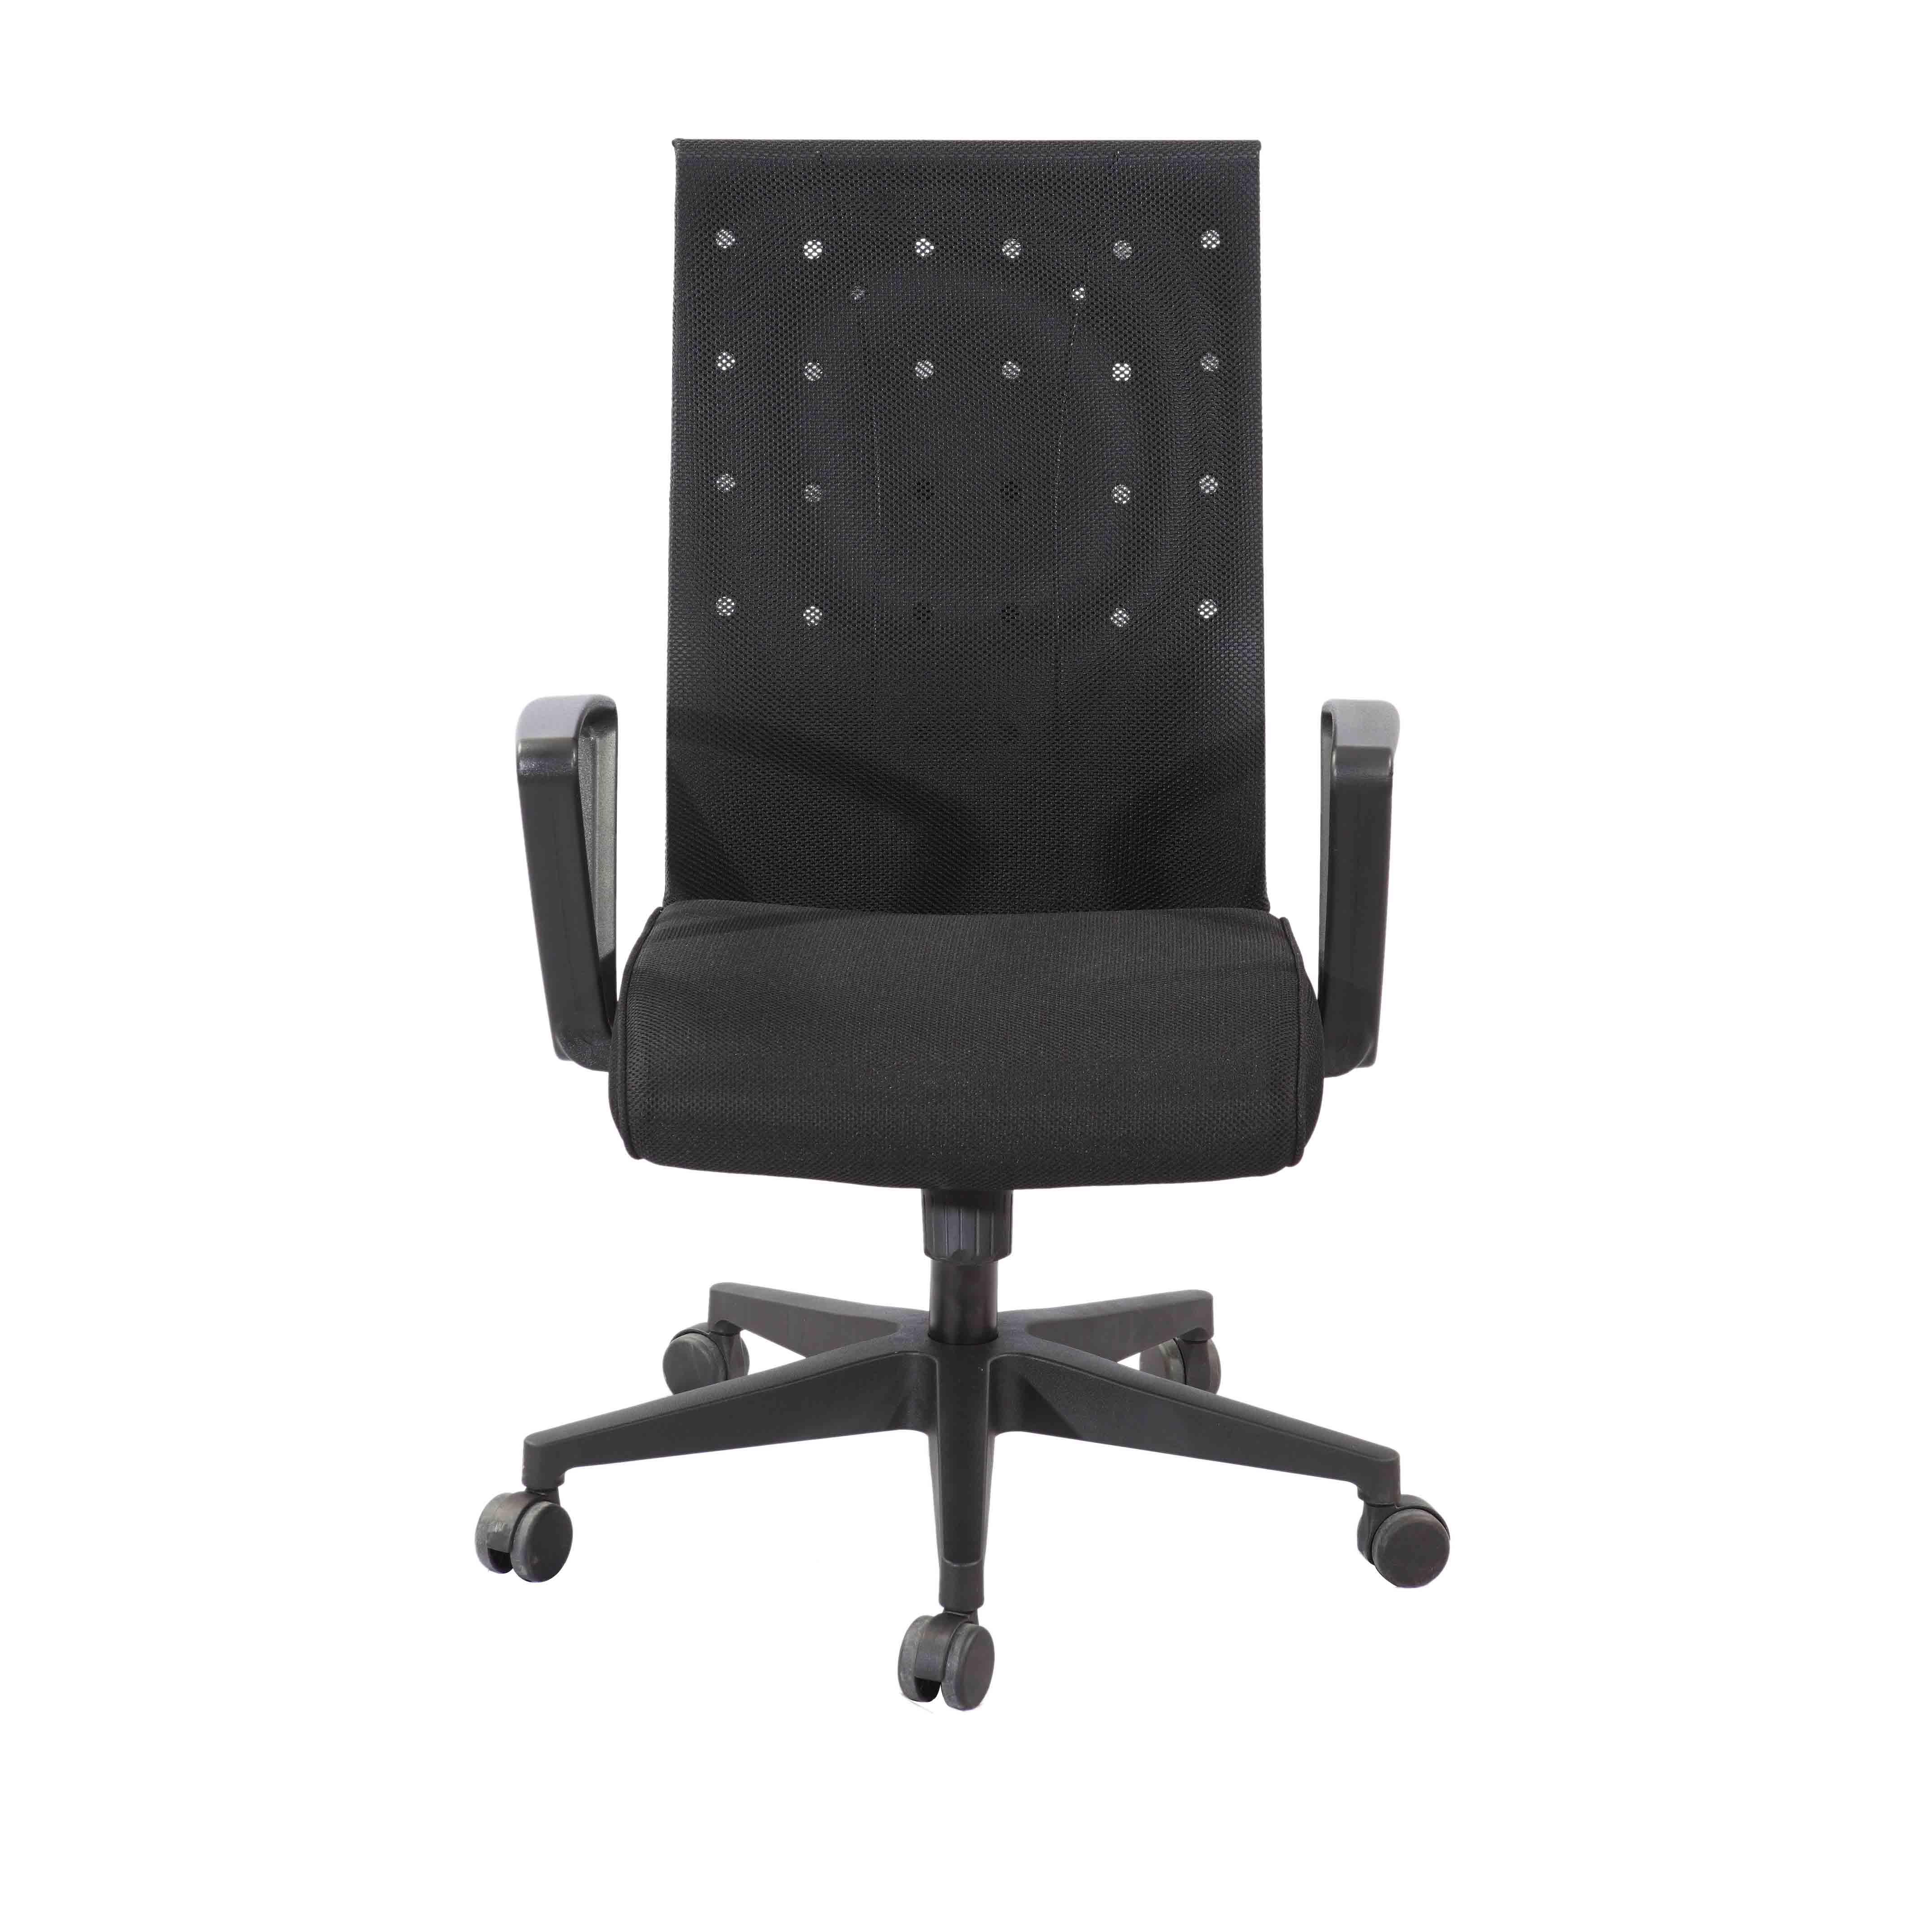 座椅系列网布椅Y-B150111